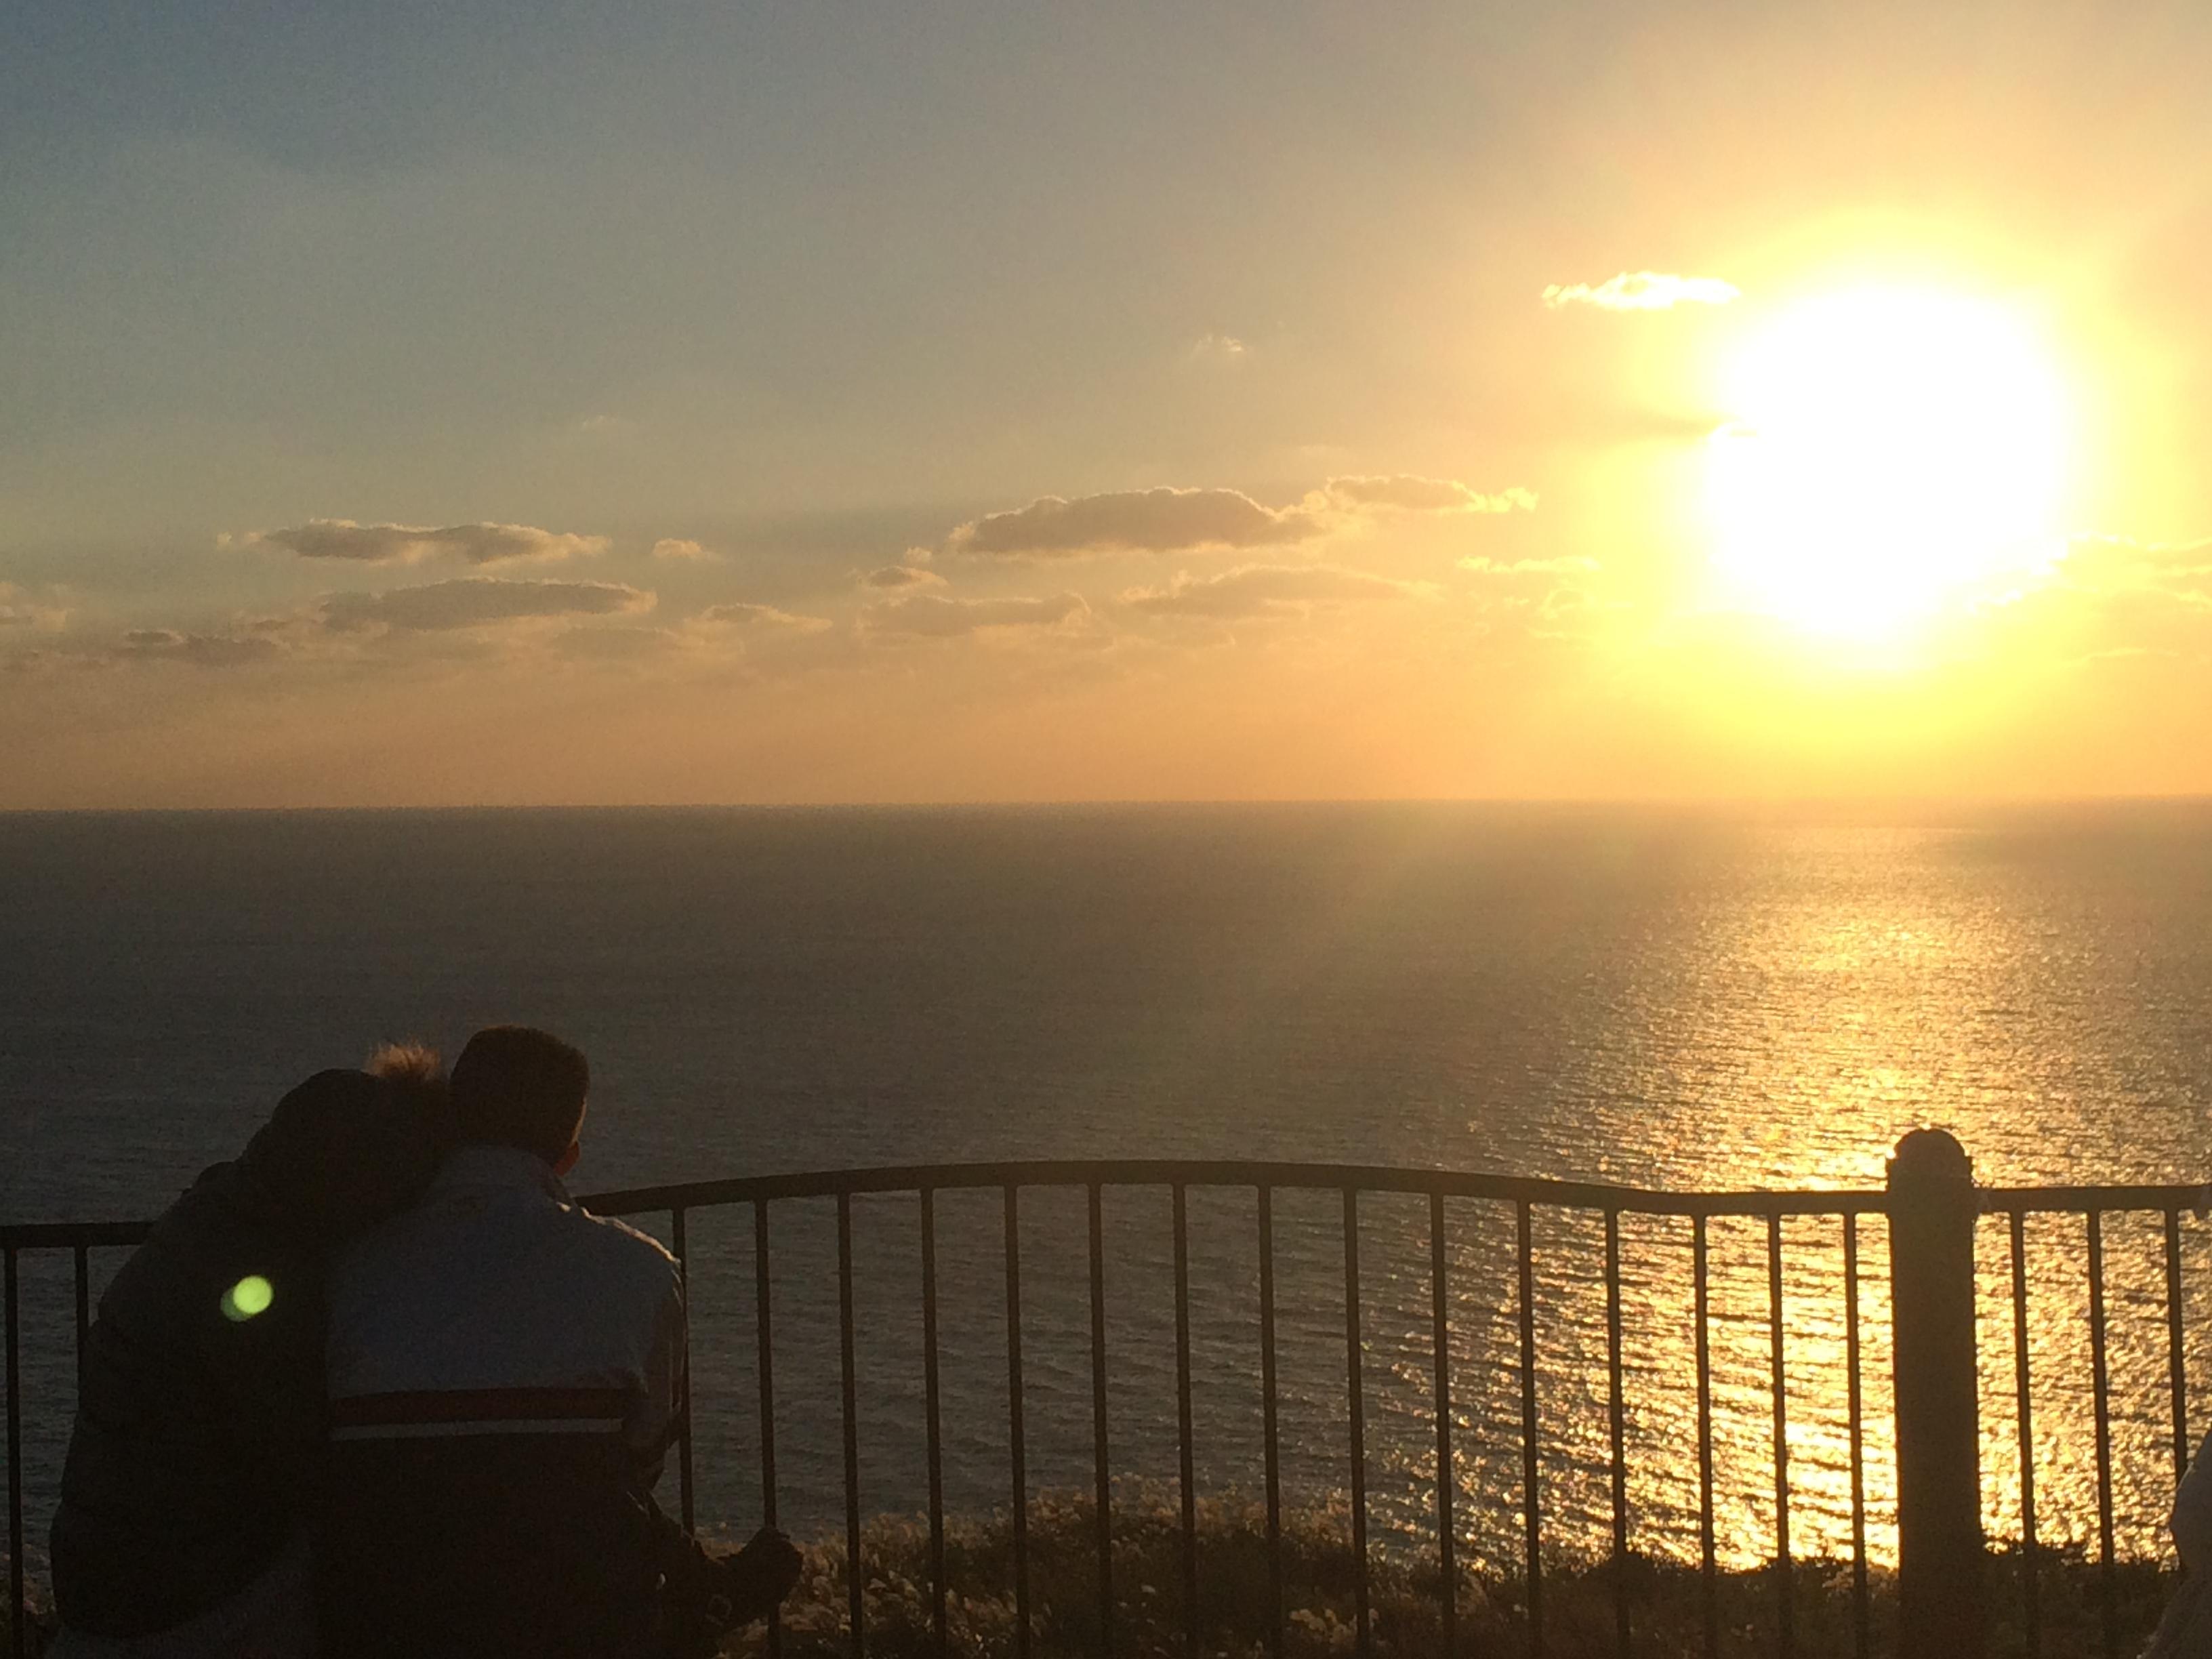 夕陽が丘 そとめ カップル